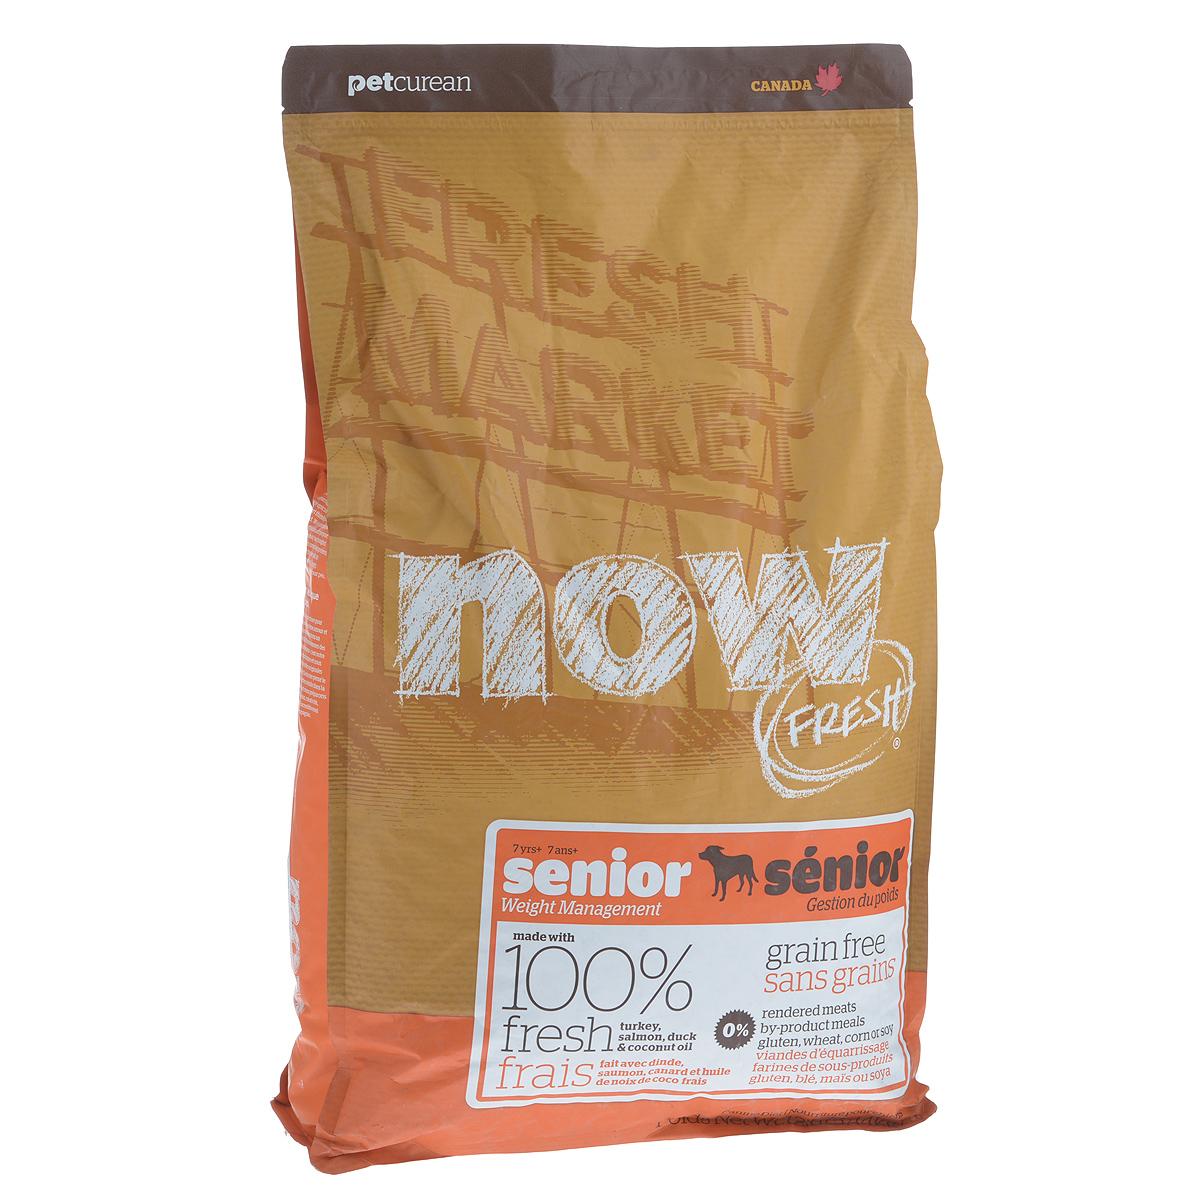 Корм сухой Now Fresh Контроль веса для собак, беззерновой, с индейкой, уткой и овощами, 5,44 кг12171996Now Fresh Контроль веса - полностью сбалансированный холистик корм из филе индейки и утки, выращенных на канадских фермах, из лосося без костей, выловленного в озерах Британской Колумбии. Прекрасно подходит собакам старше 7 лет и взрослым собакам (1-6 лет) с избыточным весом.Ключевые преимущества: - полностью беззерновой со сбалансированным содержание белков и жиров, - не содержит субпродуктов, красителей, говядины, мясных ингредиентов, выращенных на гормонах, - омега-масла в составе необходимы для здоровой кожи и шерсти, - пробиотики и пребиотики обеспечивают здоровое пищеварение, - антиоксиданты укрепляют иммунную систему. Состав: филе индейки, картофель, яблоки, горох, картофельная мука, томаты, сушеная люцерна, масло канолы (источник витамина Е), натуральный ароматизатор, утиное филе, филе лосося, кокосовое масло (источники витамина Е), свежие цельные яйца, семена льна, морковь, тыква, бананы, черника, клюква, малина, ежевика, папайя, ананас, грейпфрут, чечевица, брокколи, шпинат, творог, ростки люцерны, сушеные водоросли, карбонат кальция, дикальций фосфат, лецитин, хлорид натрия, хлорид калия, витамины (витамин Е, L-аскорбил-2-полифосфатов (источник витамина С), никотиновая кислота, инозит, витамин А, тиамина мононитрат, пантотенатD-кальция, пиридоксина гидрохлорид, рибофлавин, бета-каротин, витамин D3, фолиевая кислота, биотин, витамин В12), минералы (цинка протеинат, сульфат железа, оксид цинка, железа протеинат, сульфат меди, меди протеинат, марганца протеинат, оксид марганца, йодат кальция, селена, дрожжи), таурин, DL-метионин, L-лизин, глюкозамин гидрохлорид, сухой корень цикория, Lactobacillus, Enterococcusfaecium, Aspergillus, дрожжевой экстракт, экстракт юкки Шидигера, хондроитин сульфат, календулы, L-карнитин, сушеный розмарин. Гарантированный анализ: белки - 24%, жиры - 10%, клетчатка (max) - 6%, влажность (max) - 10%, фосфор (min) - 0,7%, глюкозами